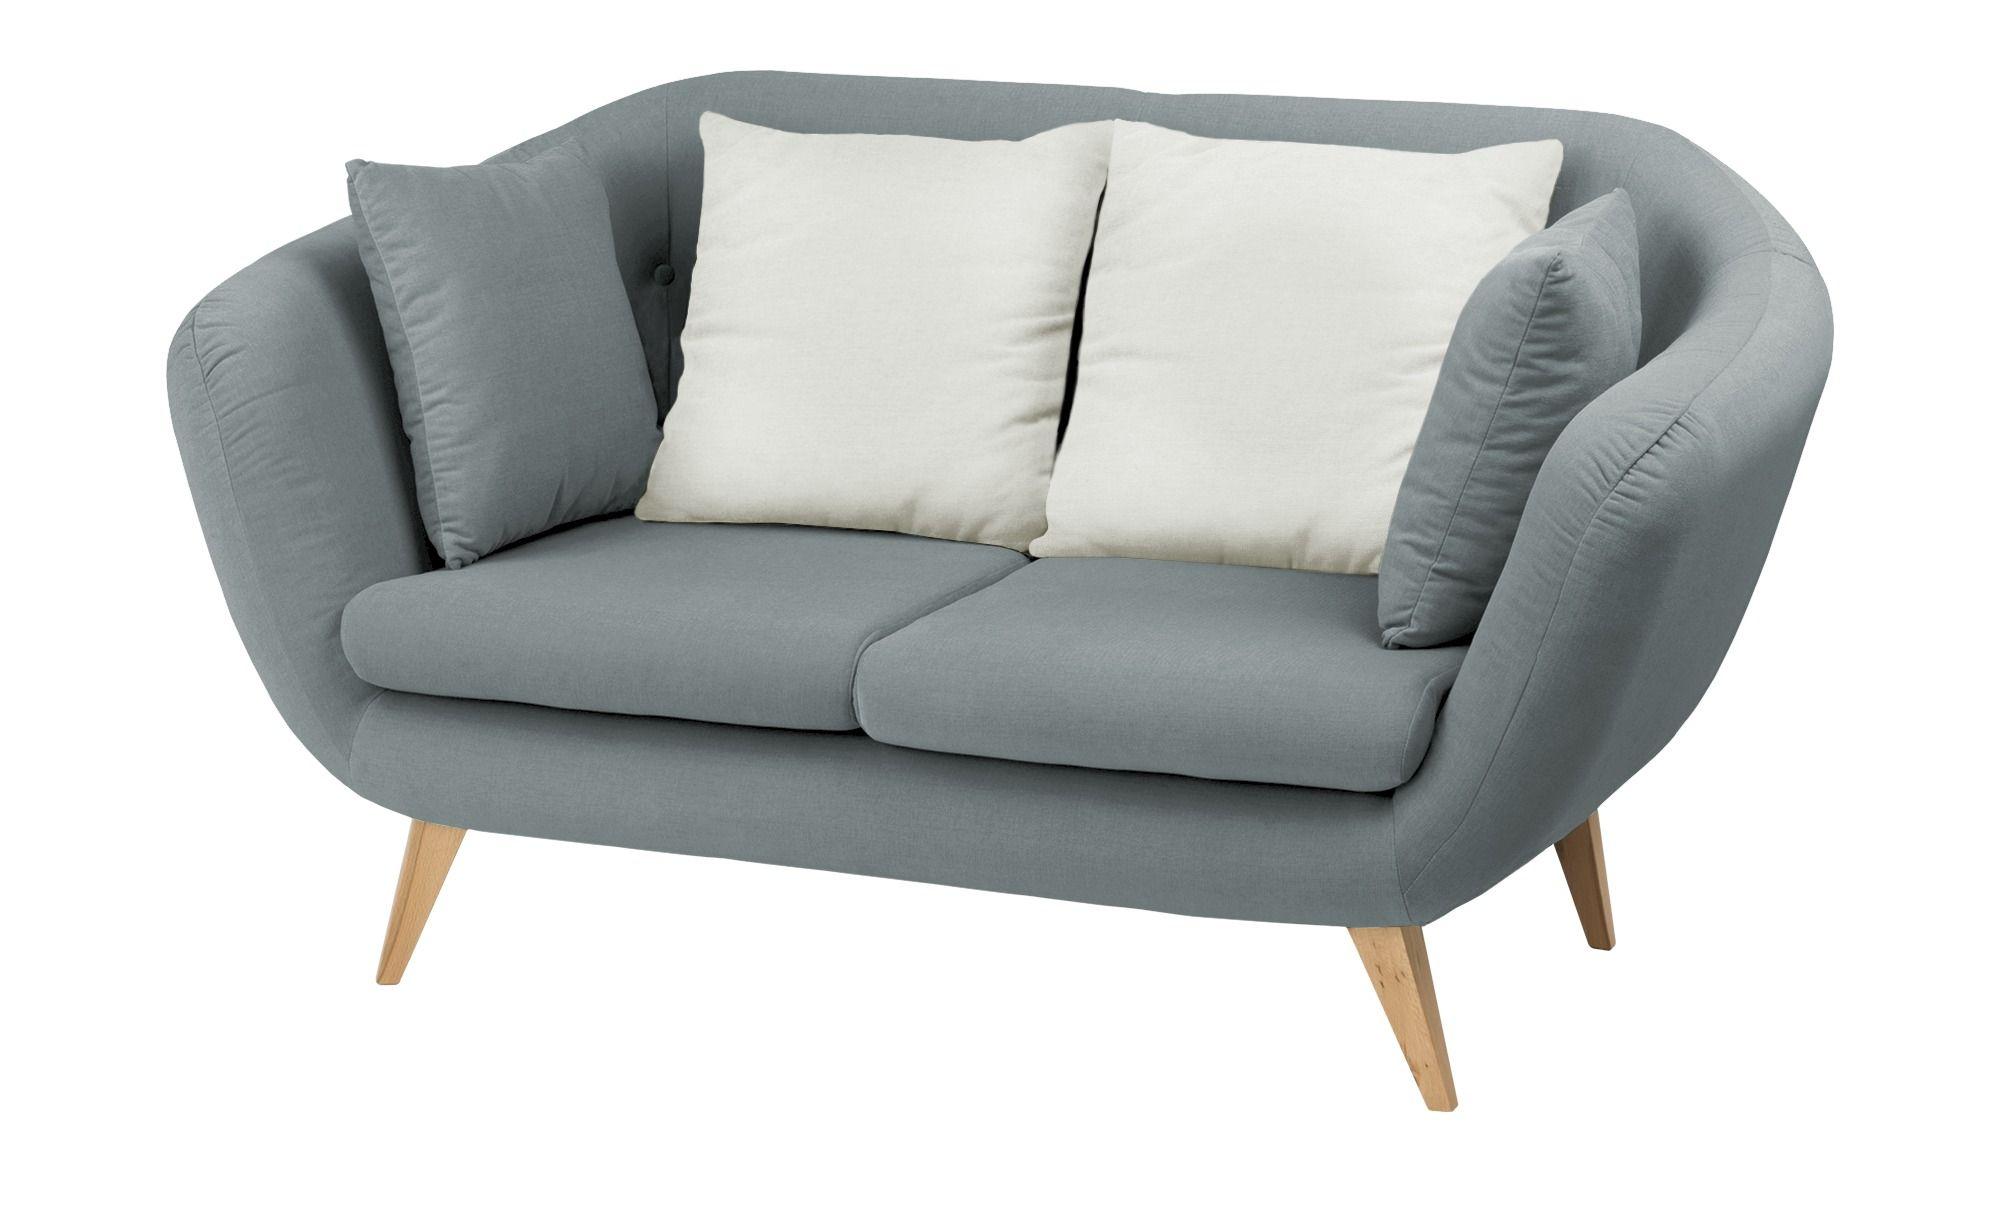 Ligne Roset Schlafsofa Online Kaufen Online Furniture Shop Australia Design Schlafsofa Outlet Ledersofa Pflege Schwarz Sofa Design Schlafsofa Sofa Turkis